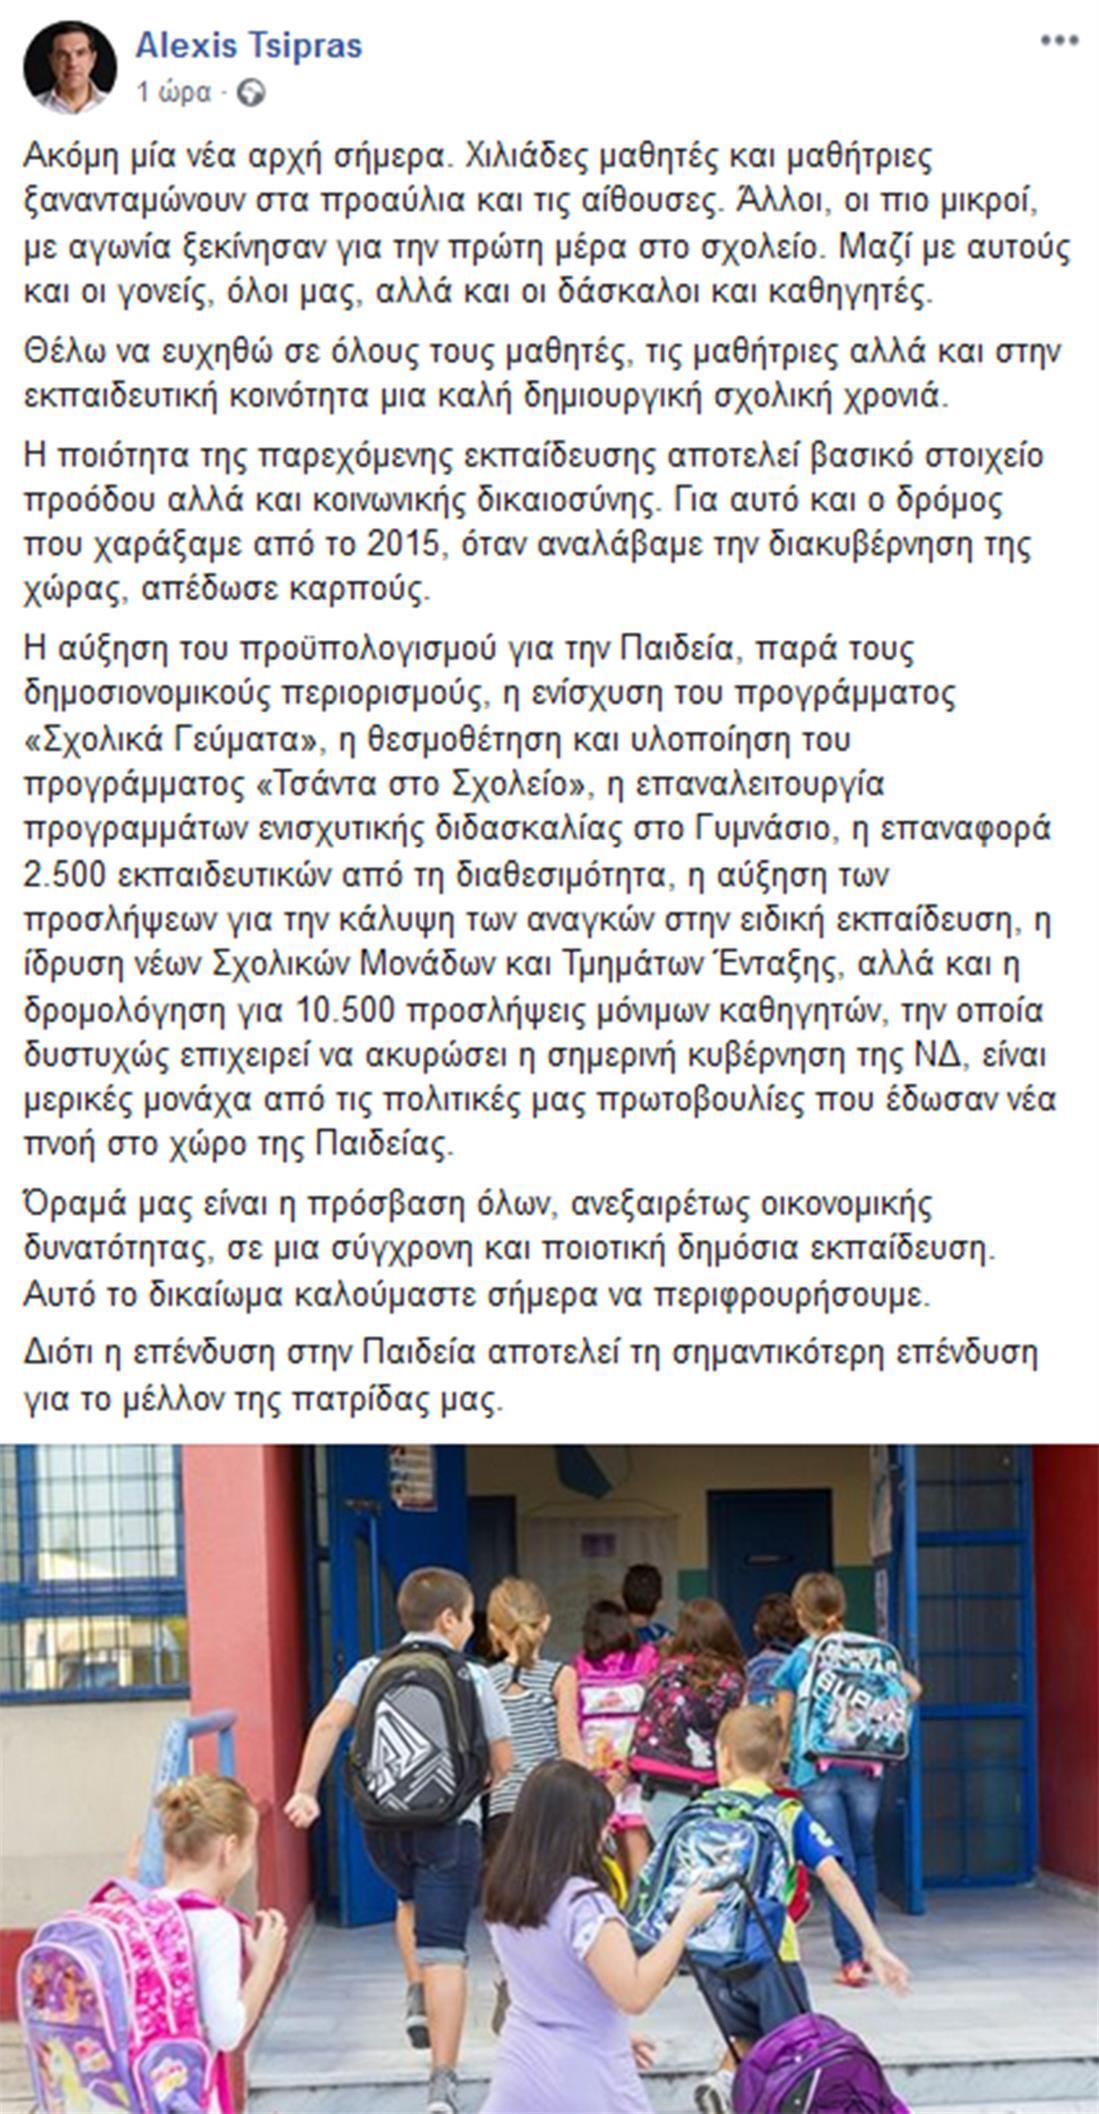 Αλέξης Τσίπρας - Facebook